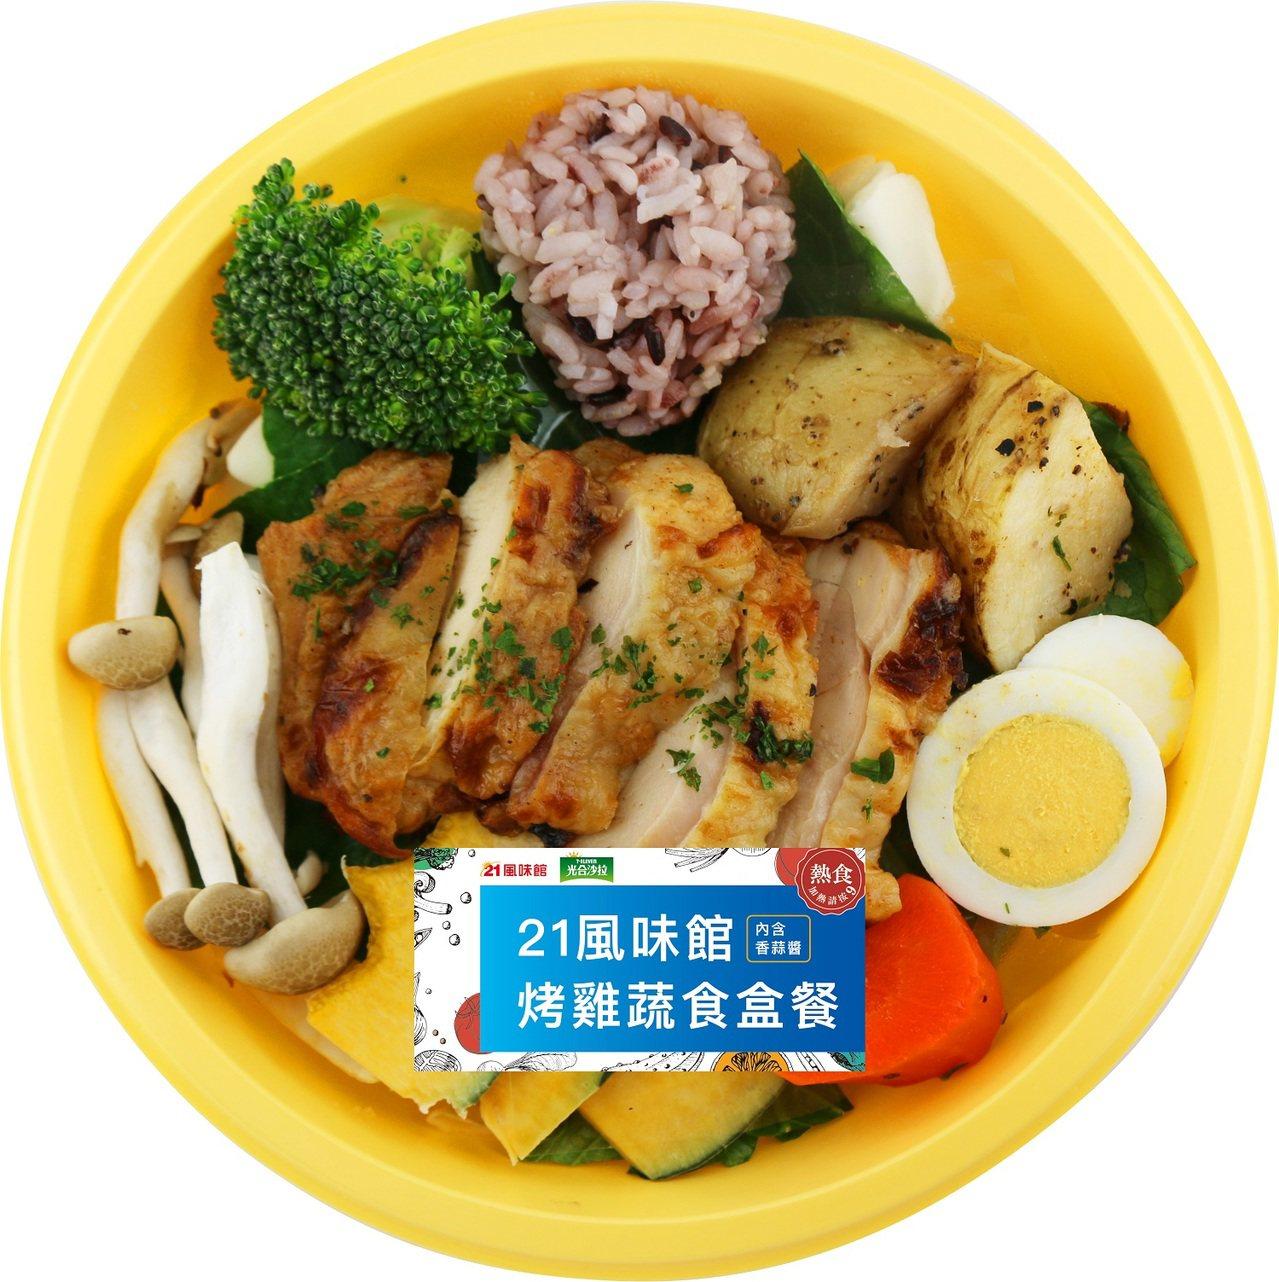 21風味館烤雞蔬食盒餐,售價85元,8月26日起於台北部分門市搶先限定販售。圖/...